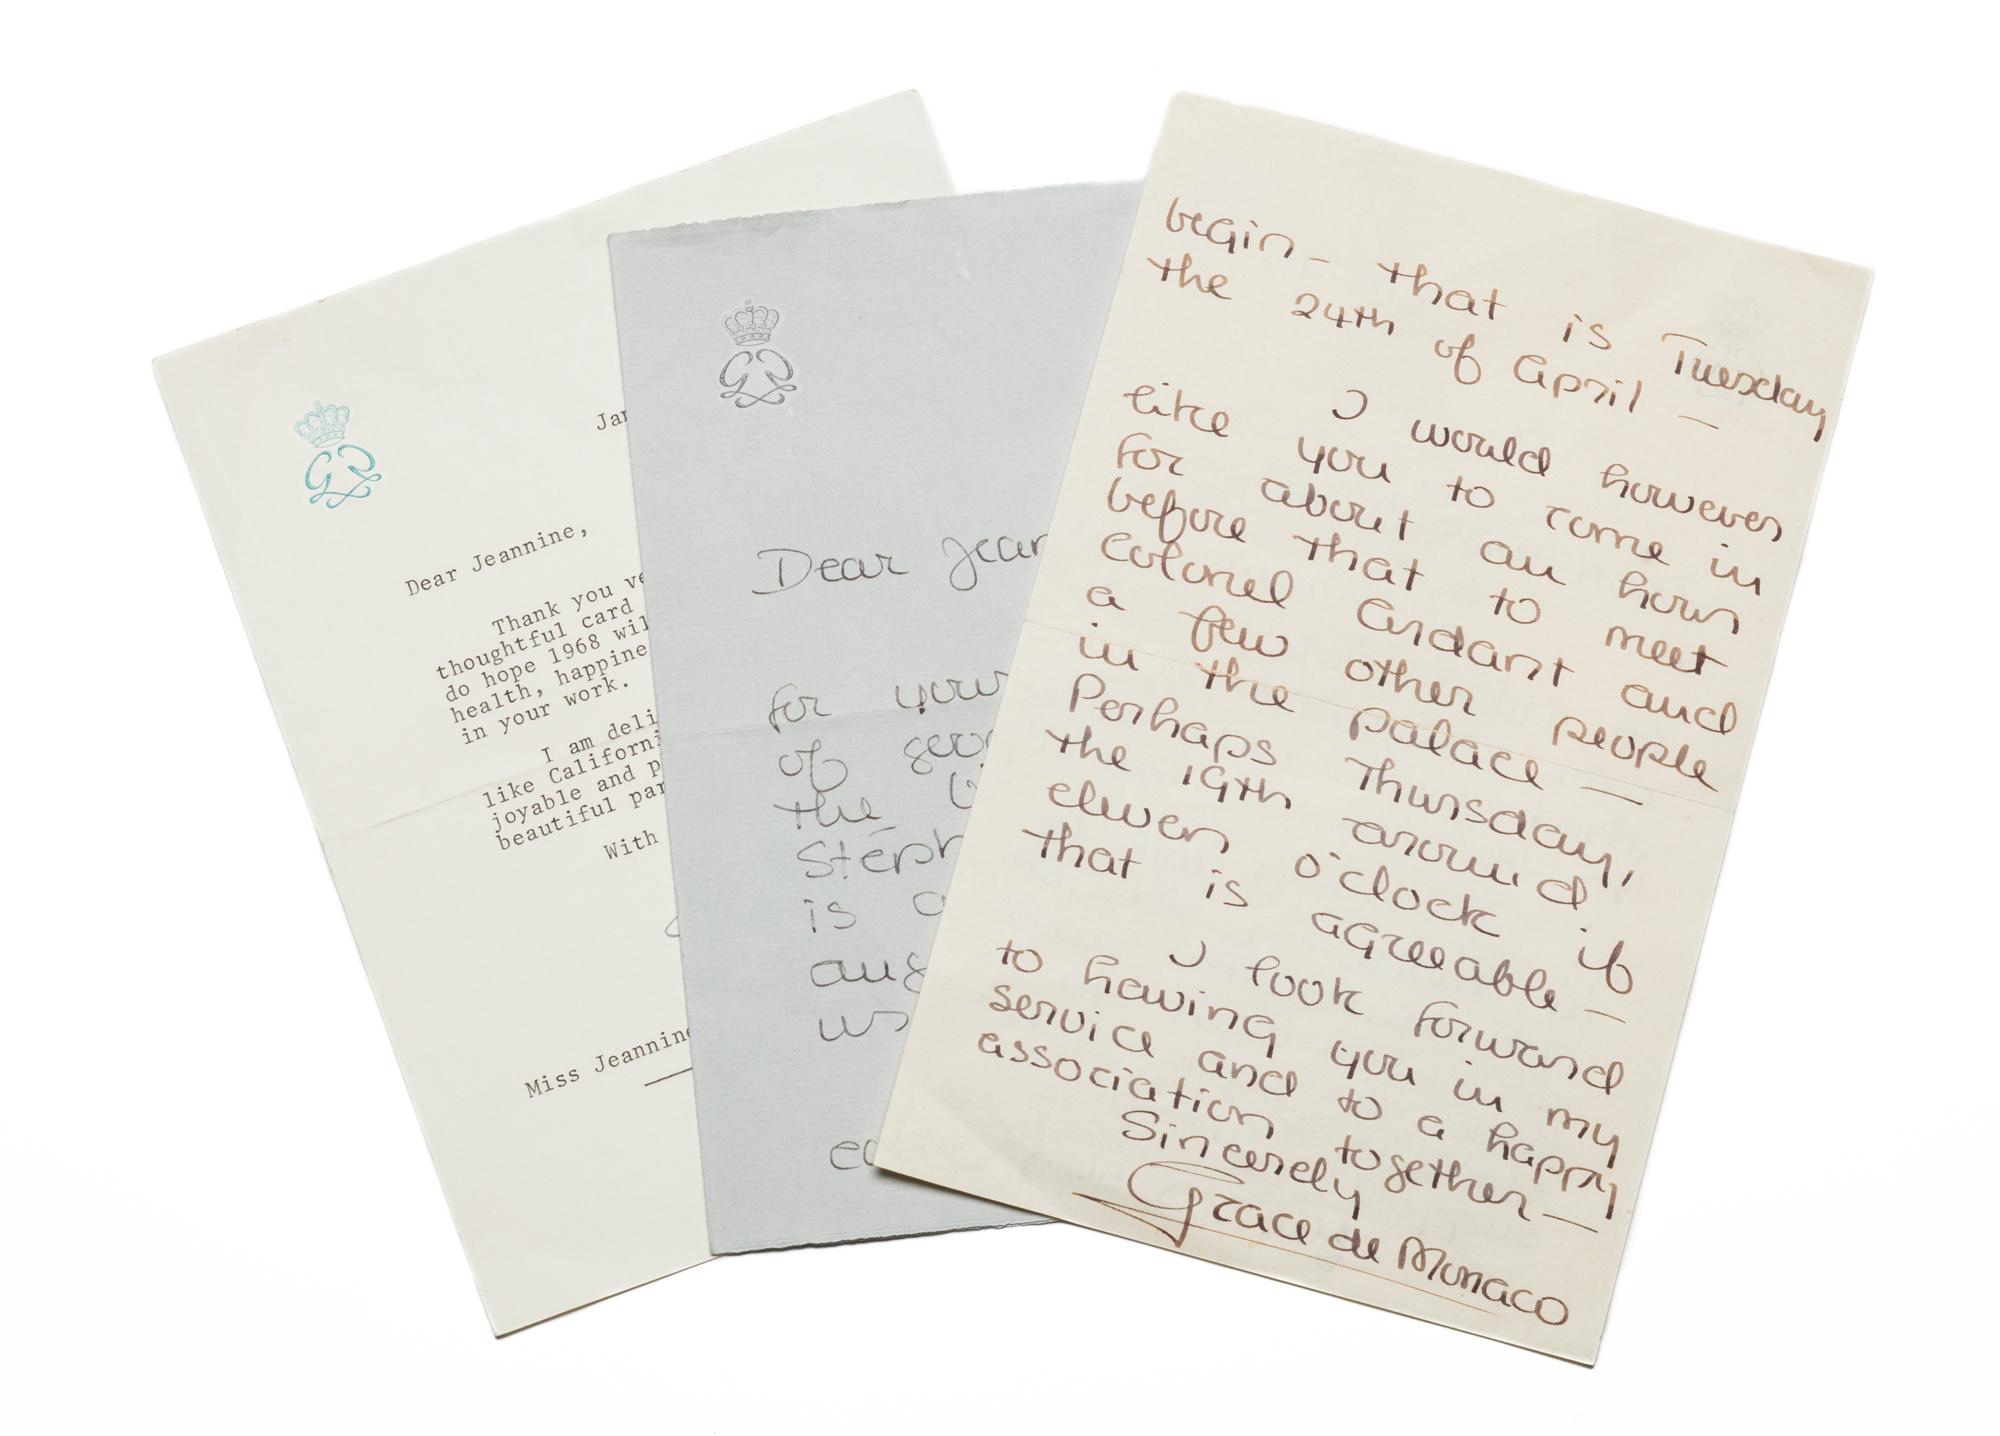 Lettere autografe